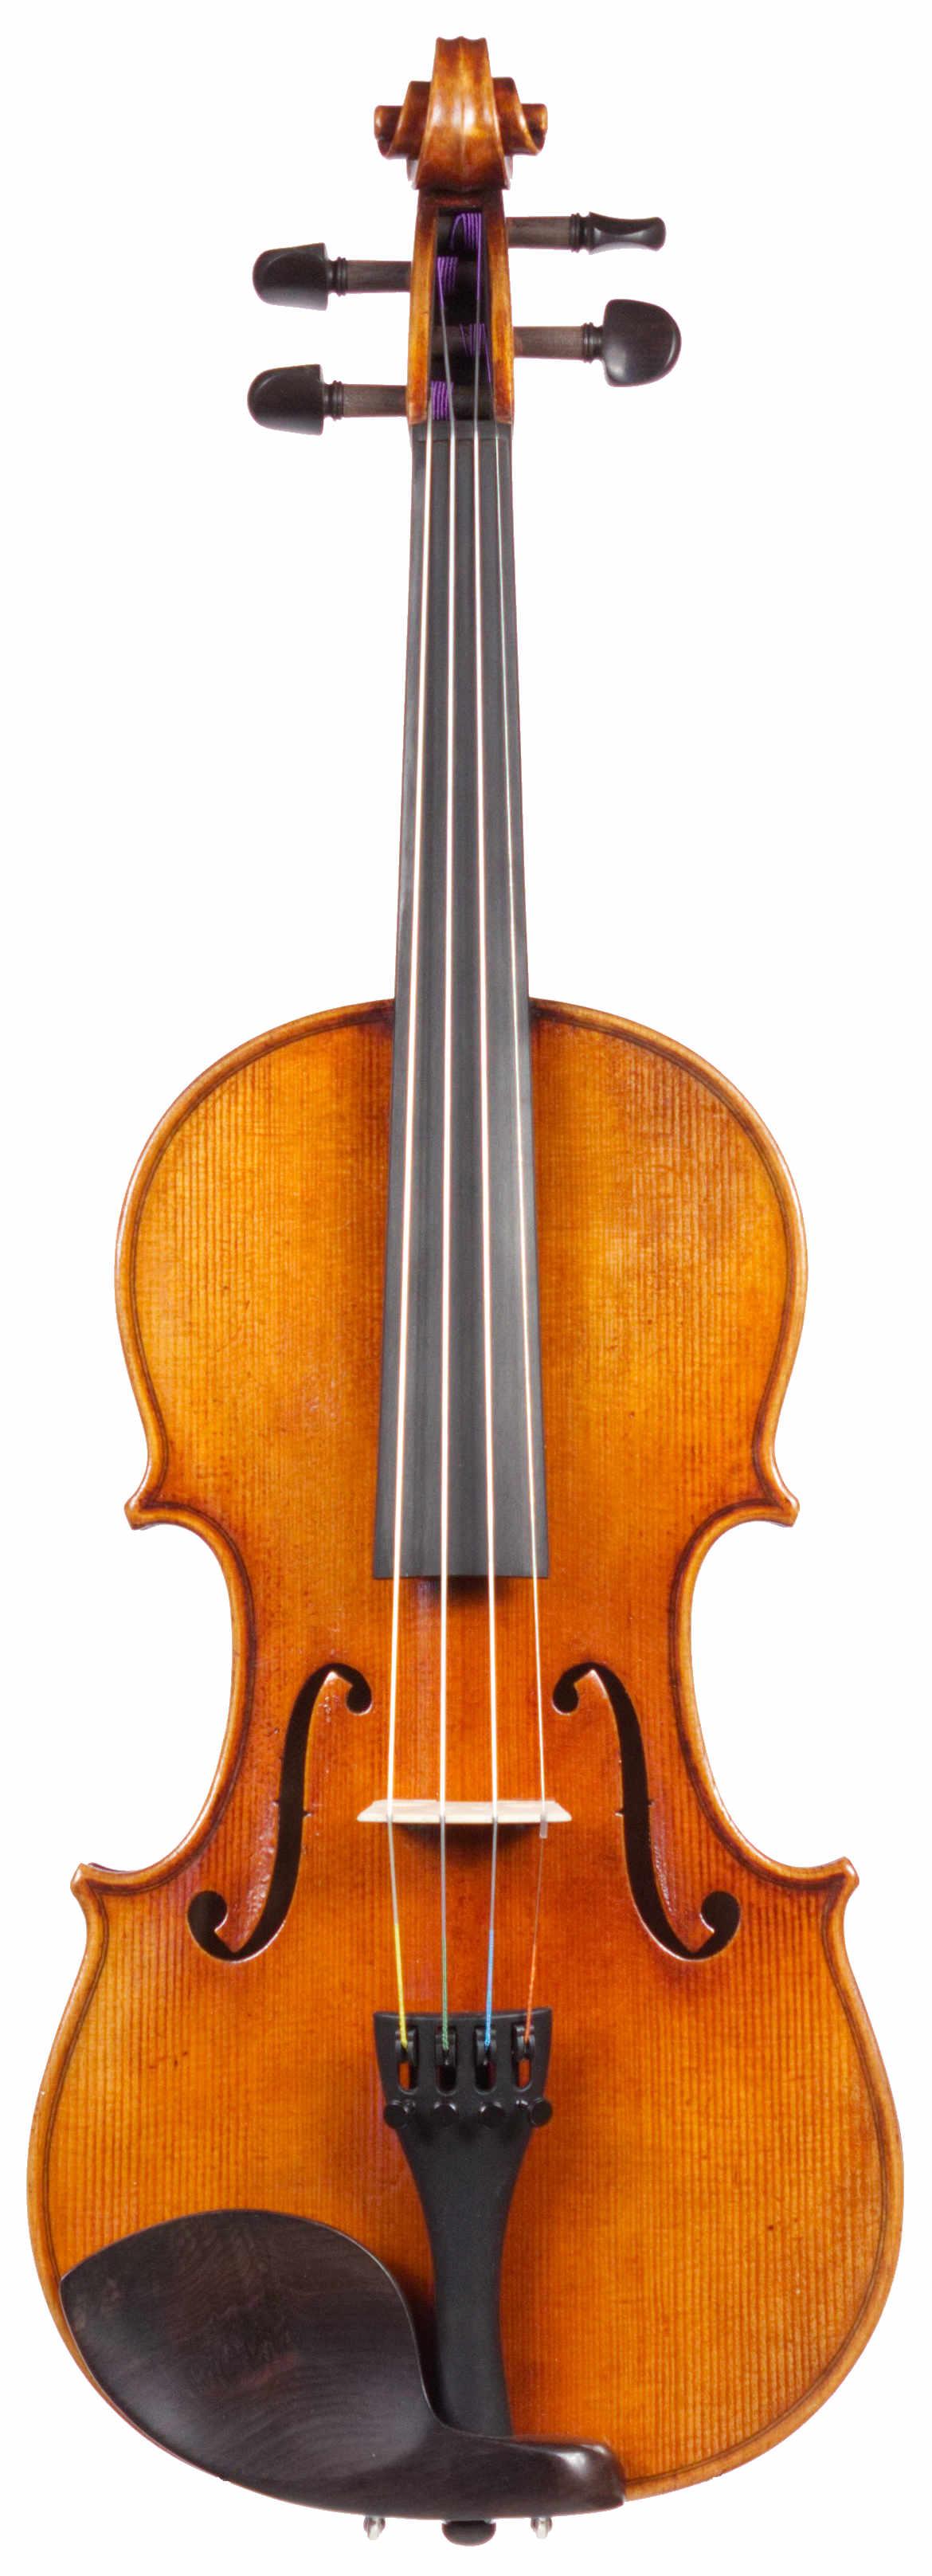 Strad model violin